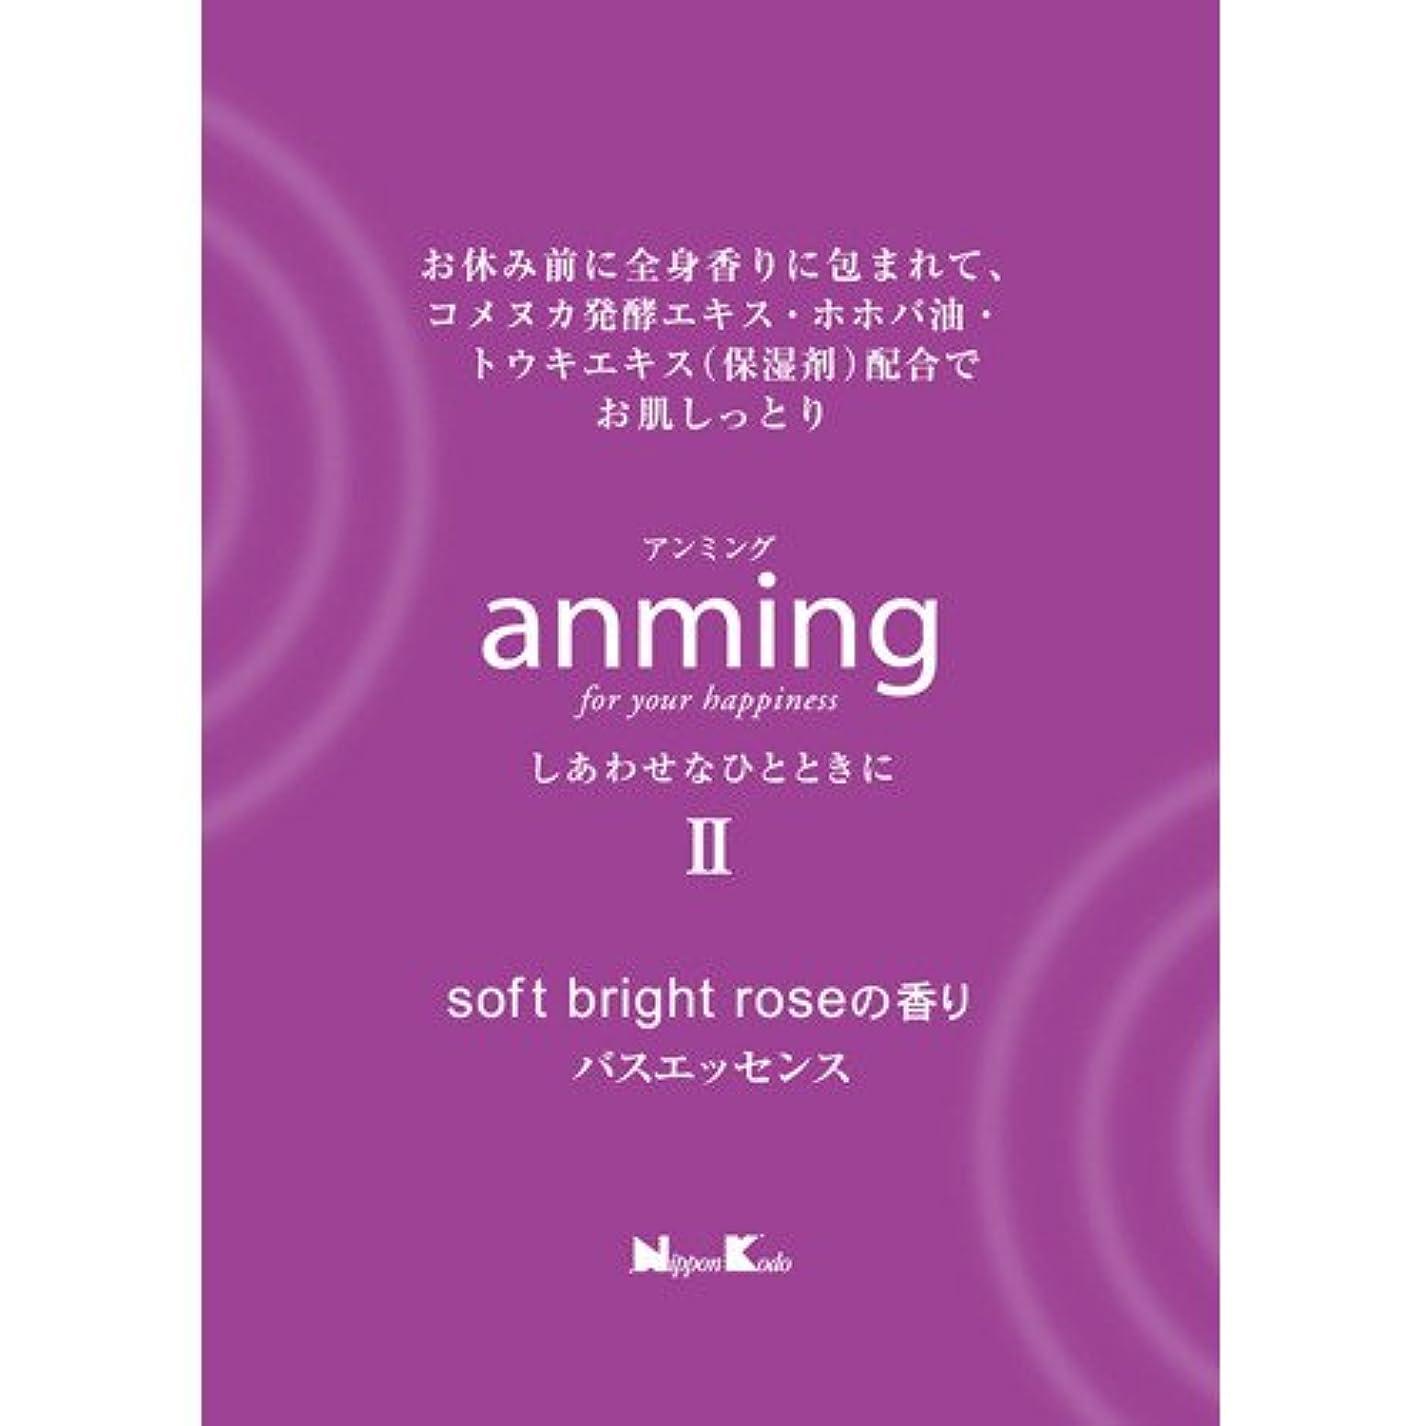 フロー不快効率的アンミング2 バスエッセンス ミニタイプ 48ml